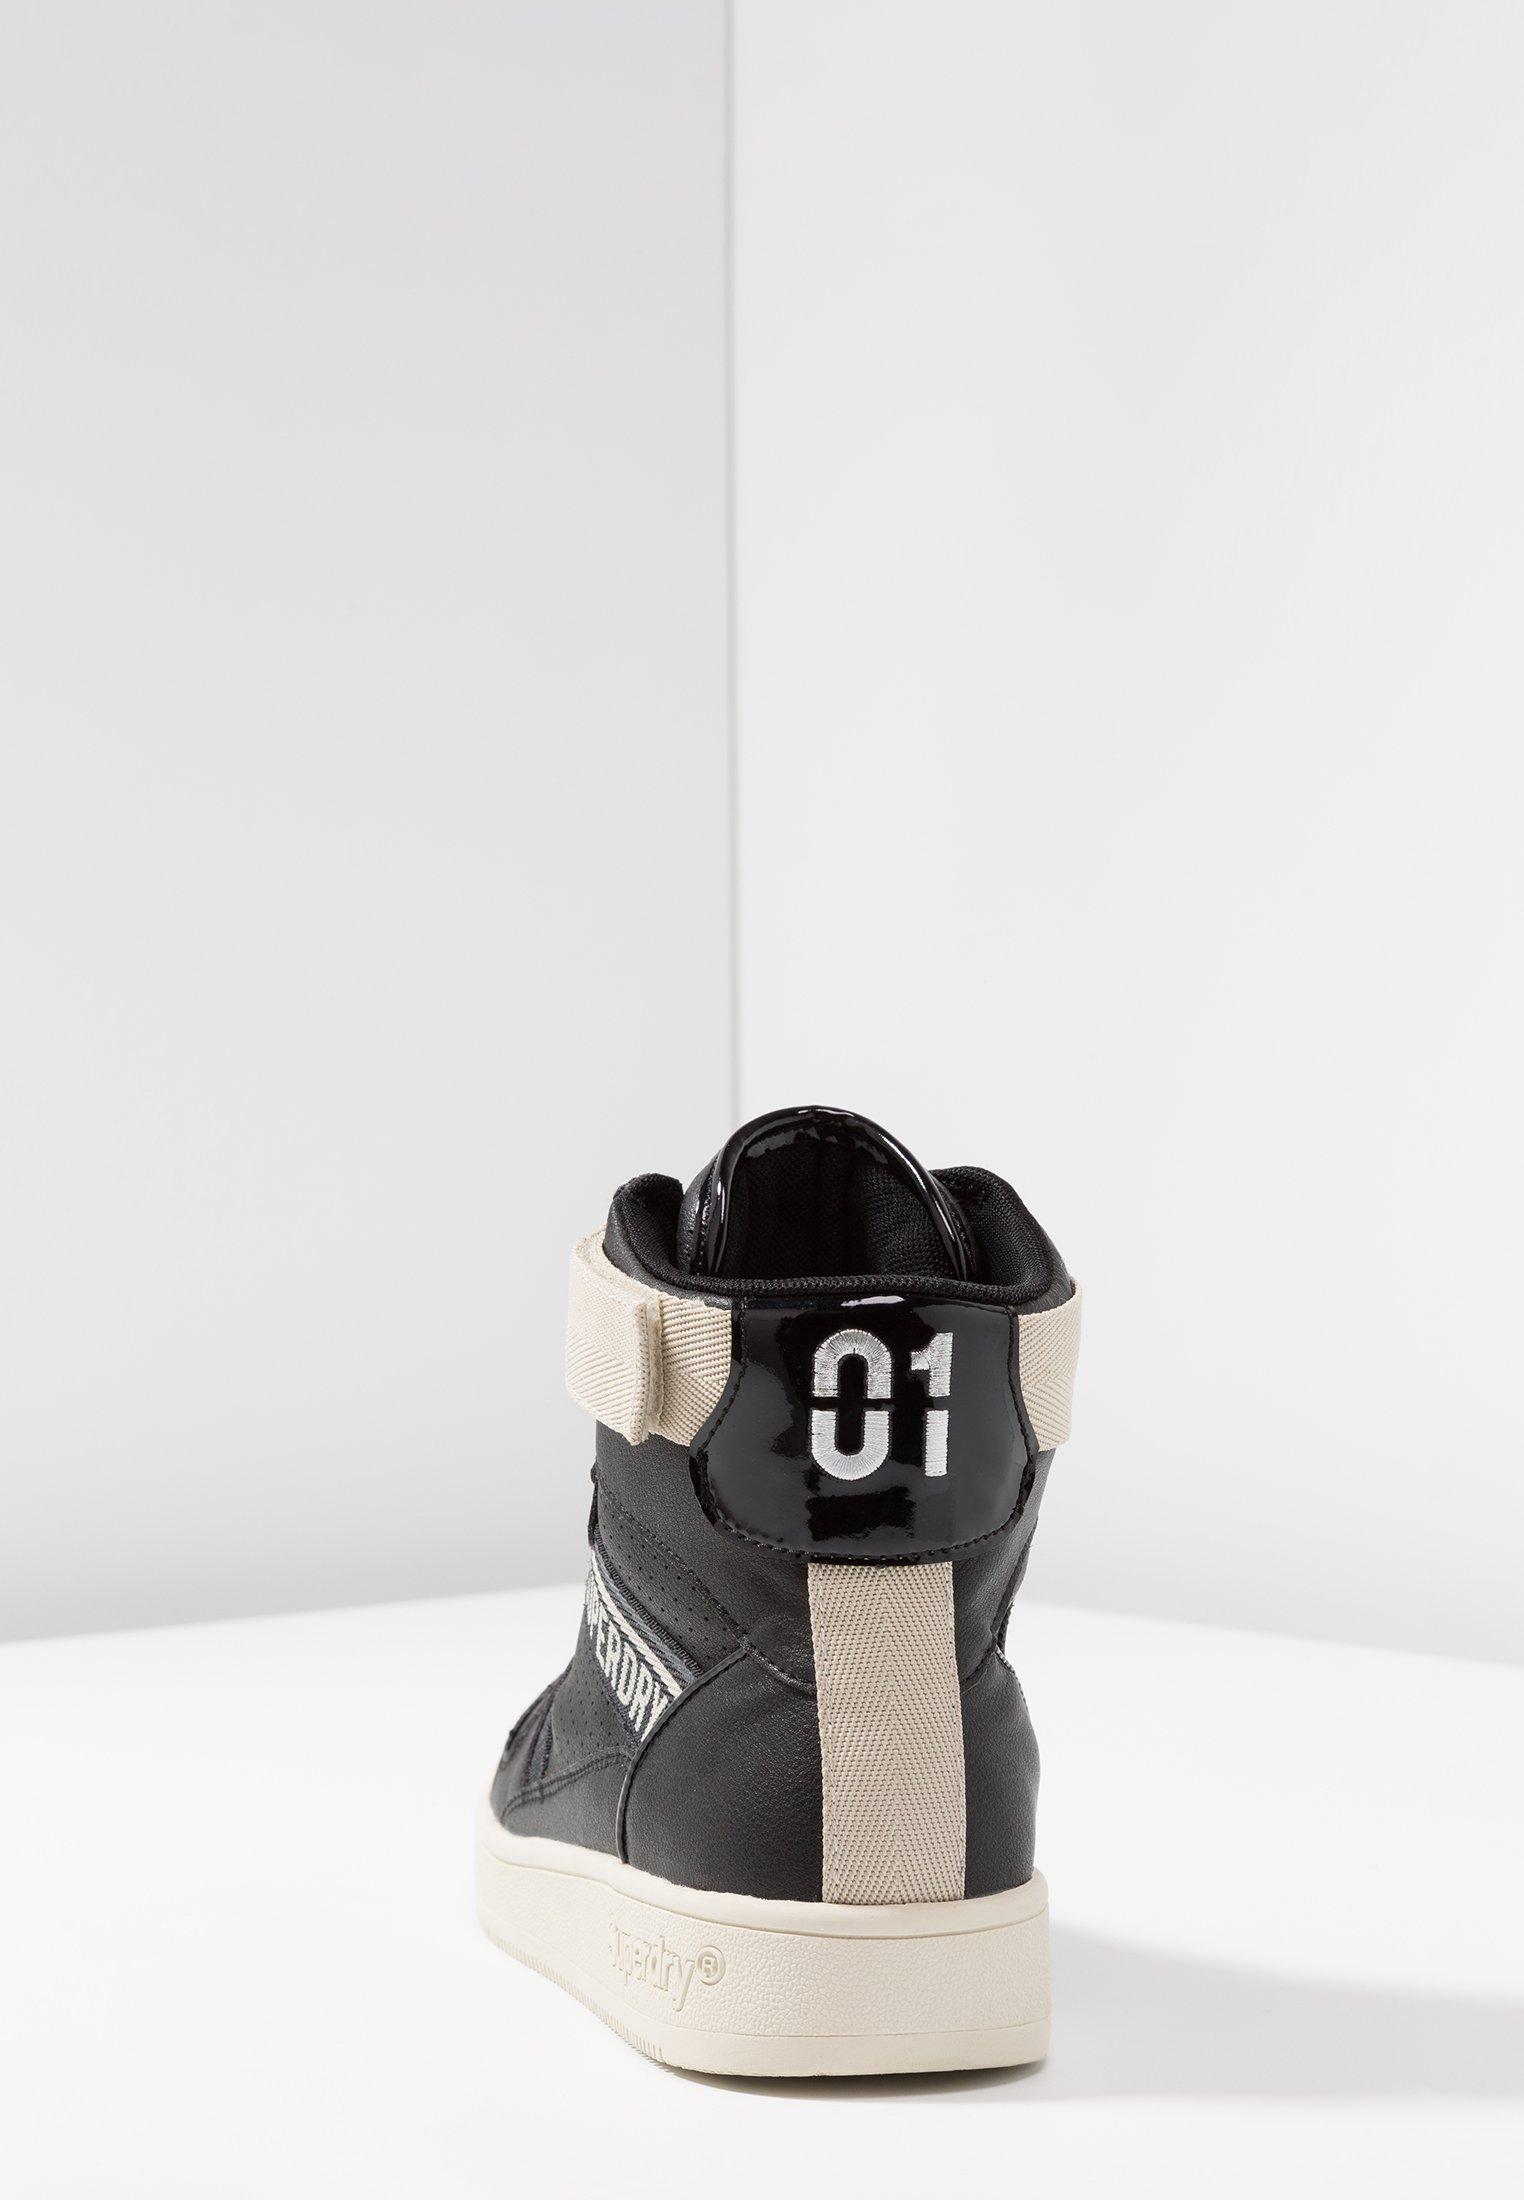 Superdry Urban Top - Sneakers High Black